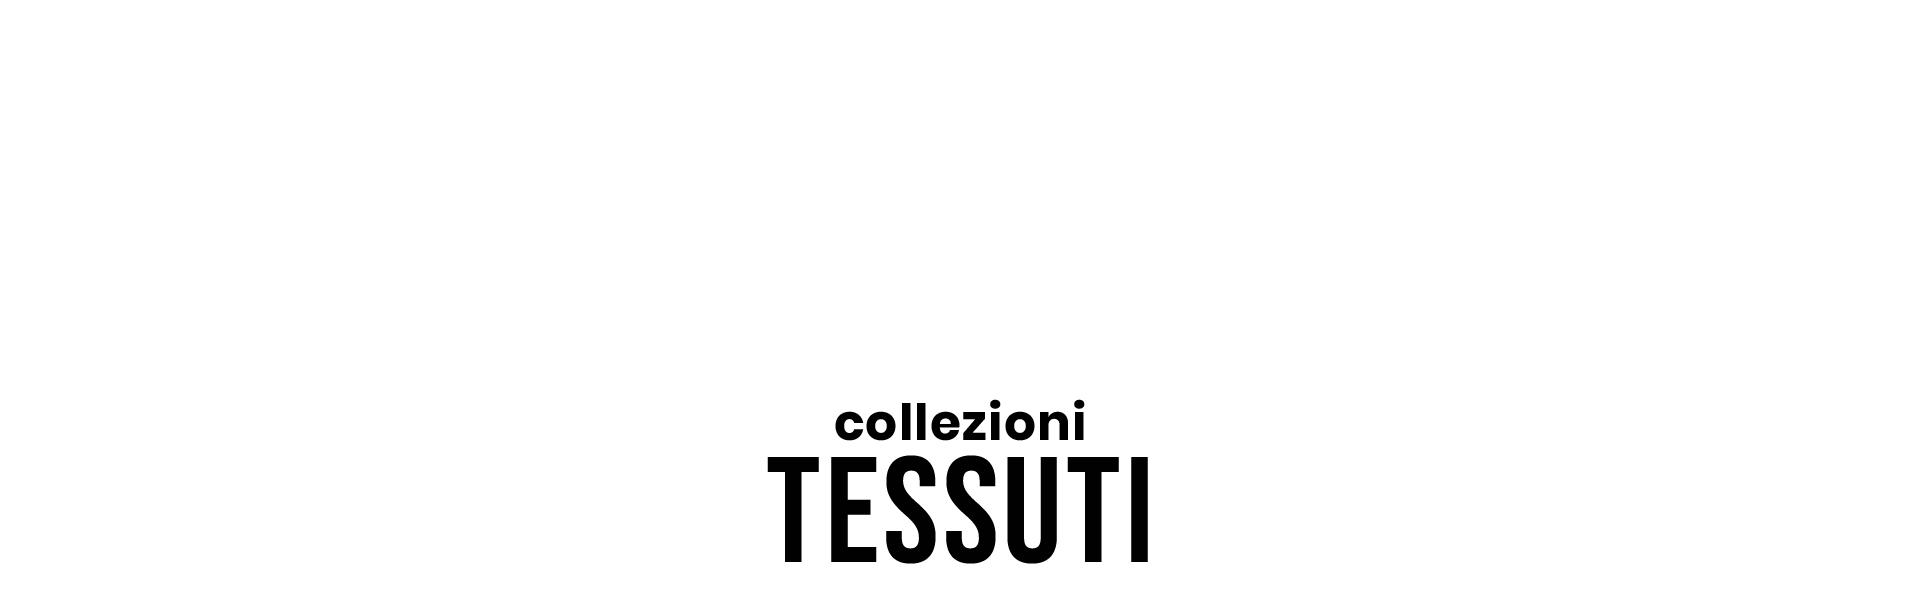 tessuti